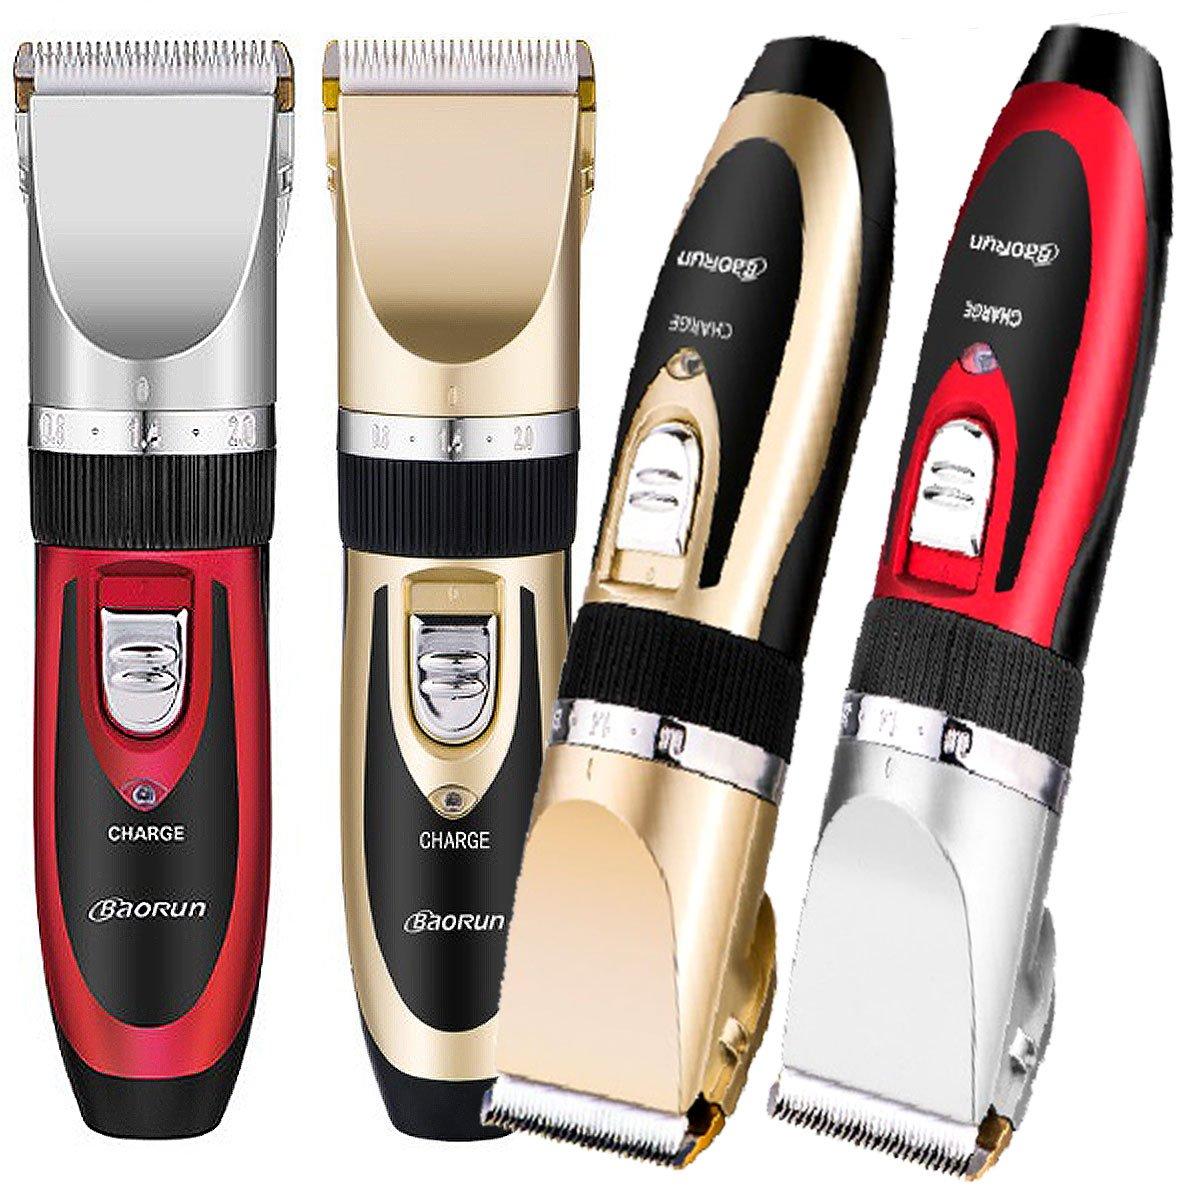 Elektrische Haarschneidemaschine kabellos Profi Haartrimmerset Bartschneider mit 4 Kämmen für Salon oder zu Hause gold